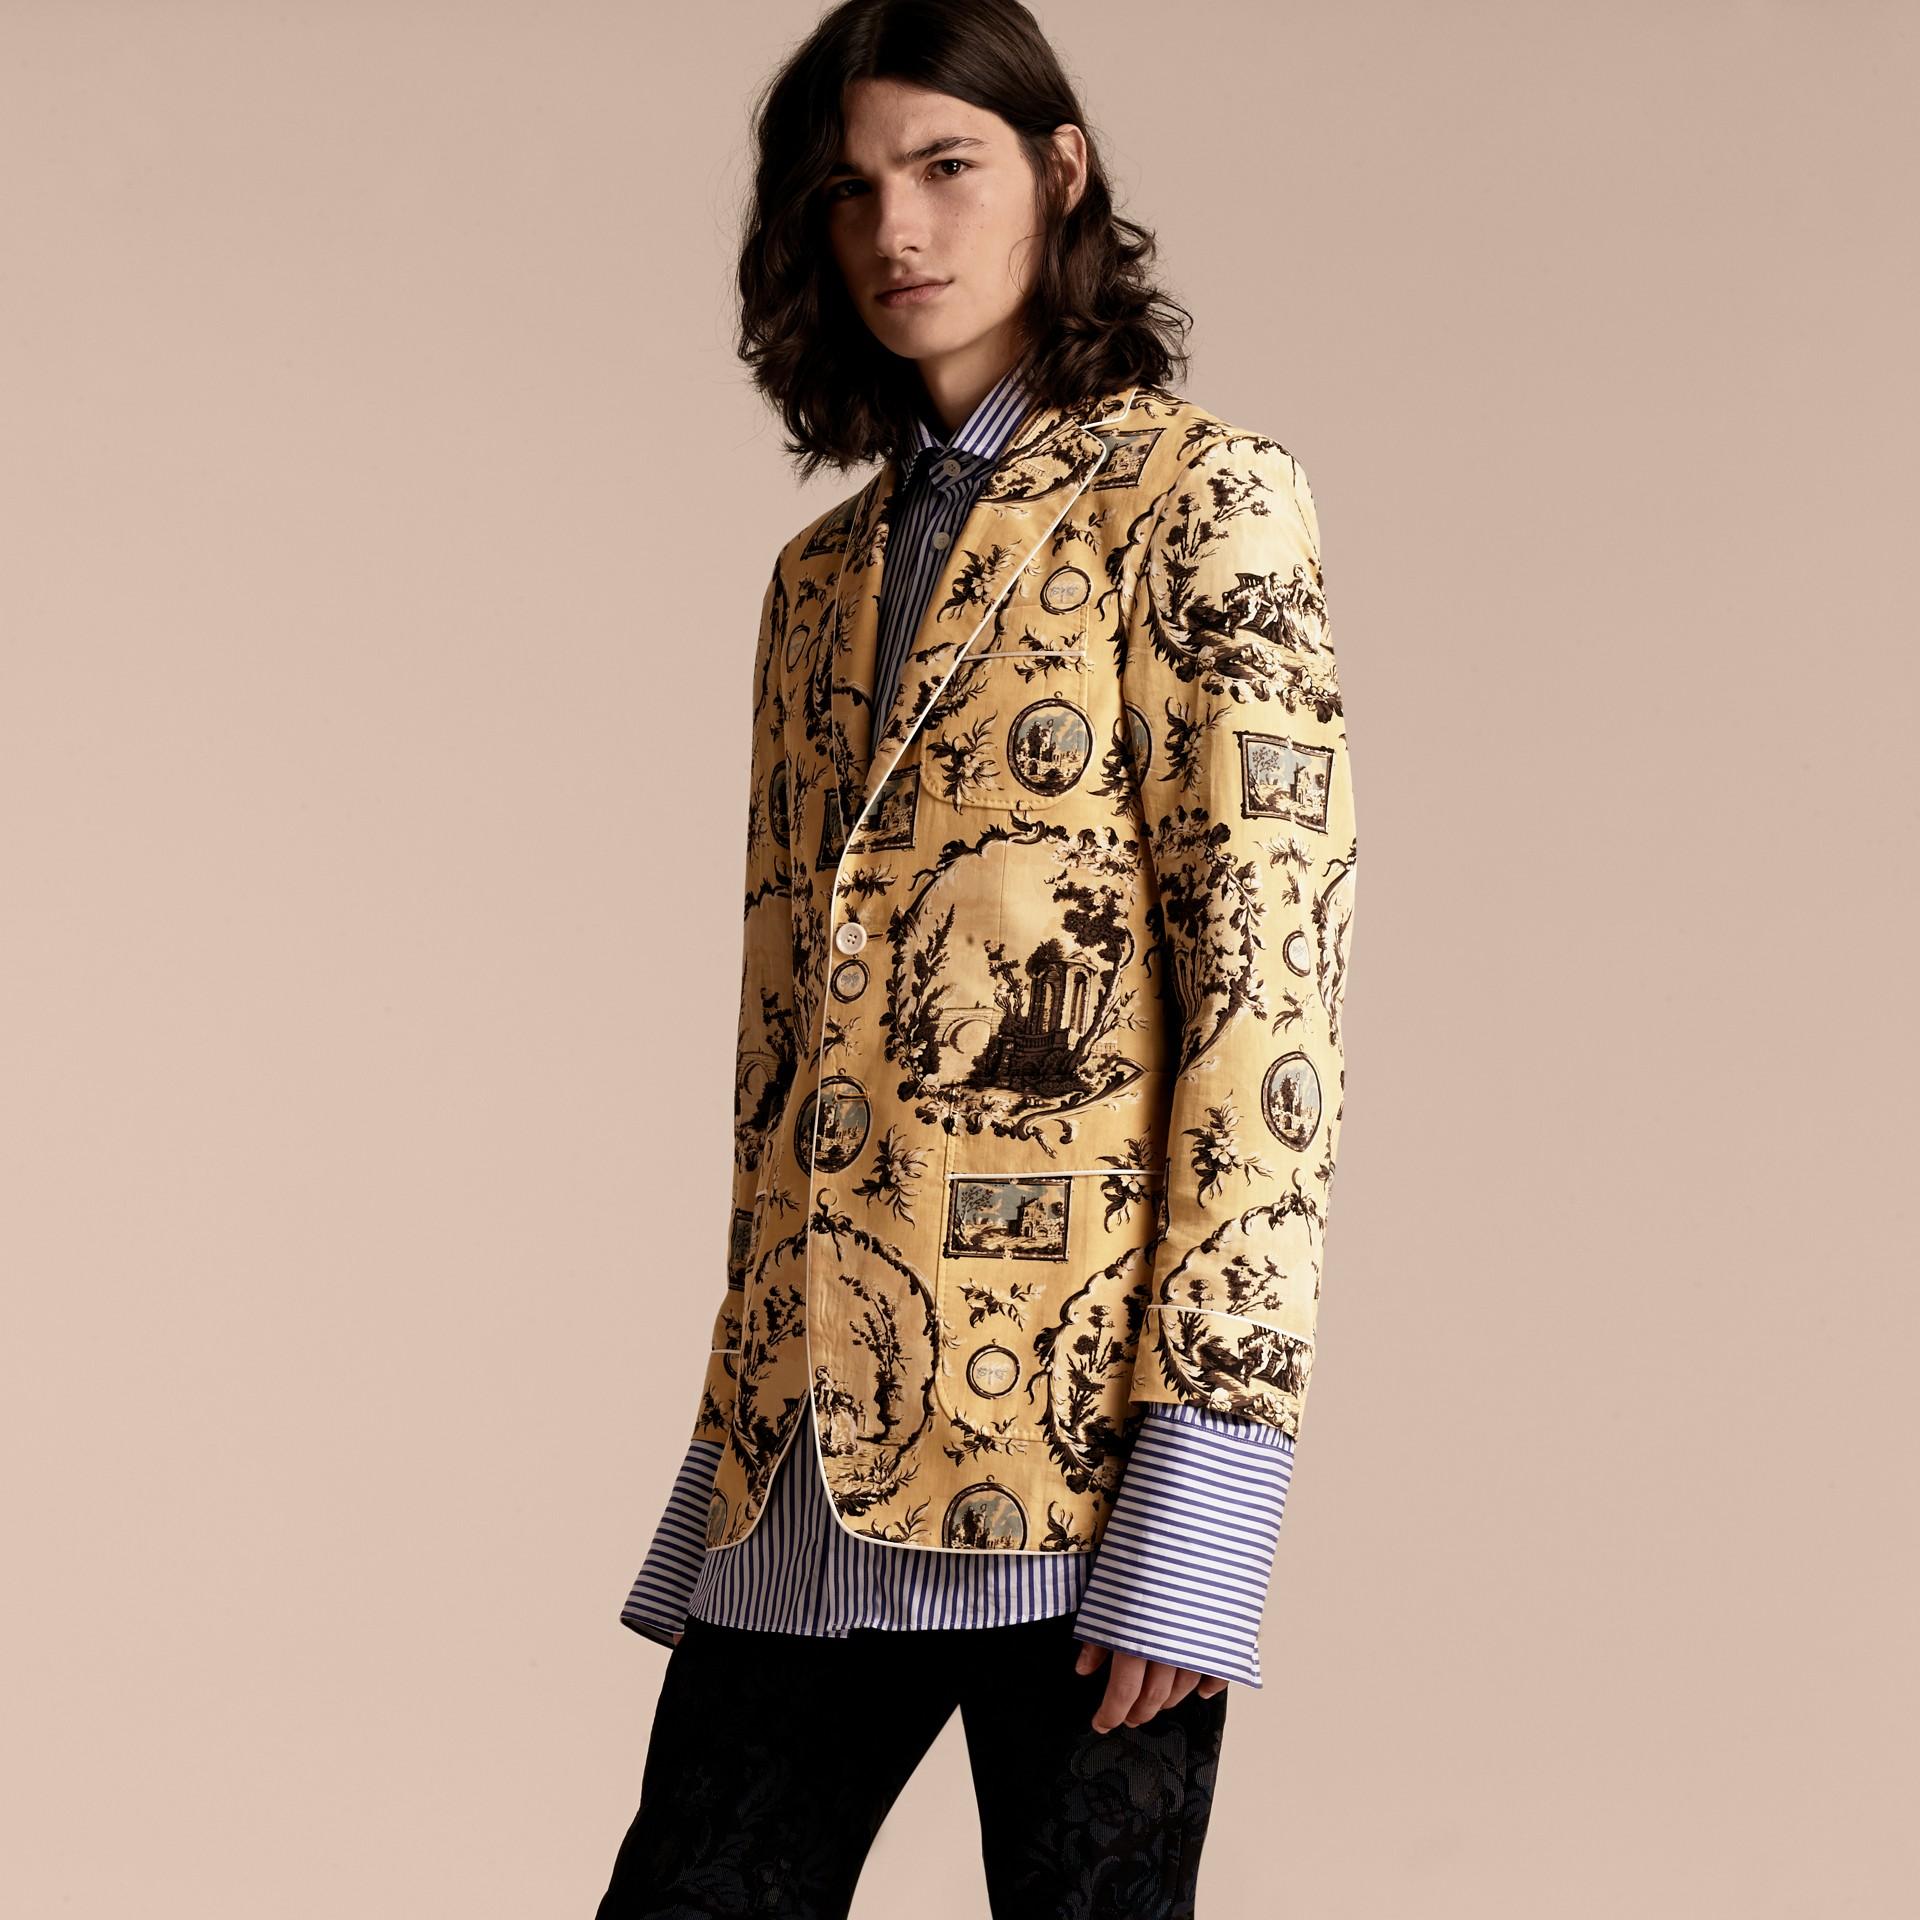 Gelb-gerstenfarben Körperbetonte Jacke aus Baumwollseide mit antikem Druck - Galerie-Bild 5